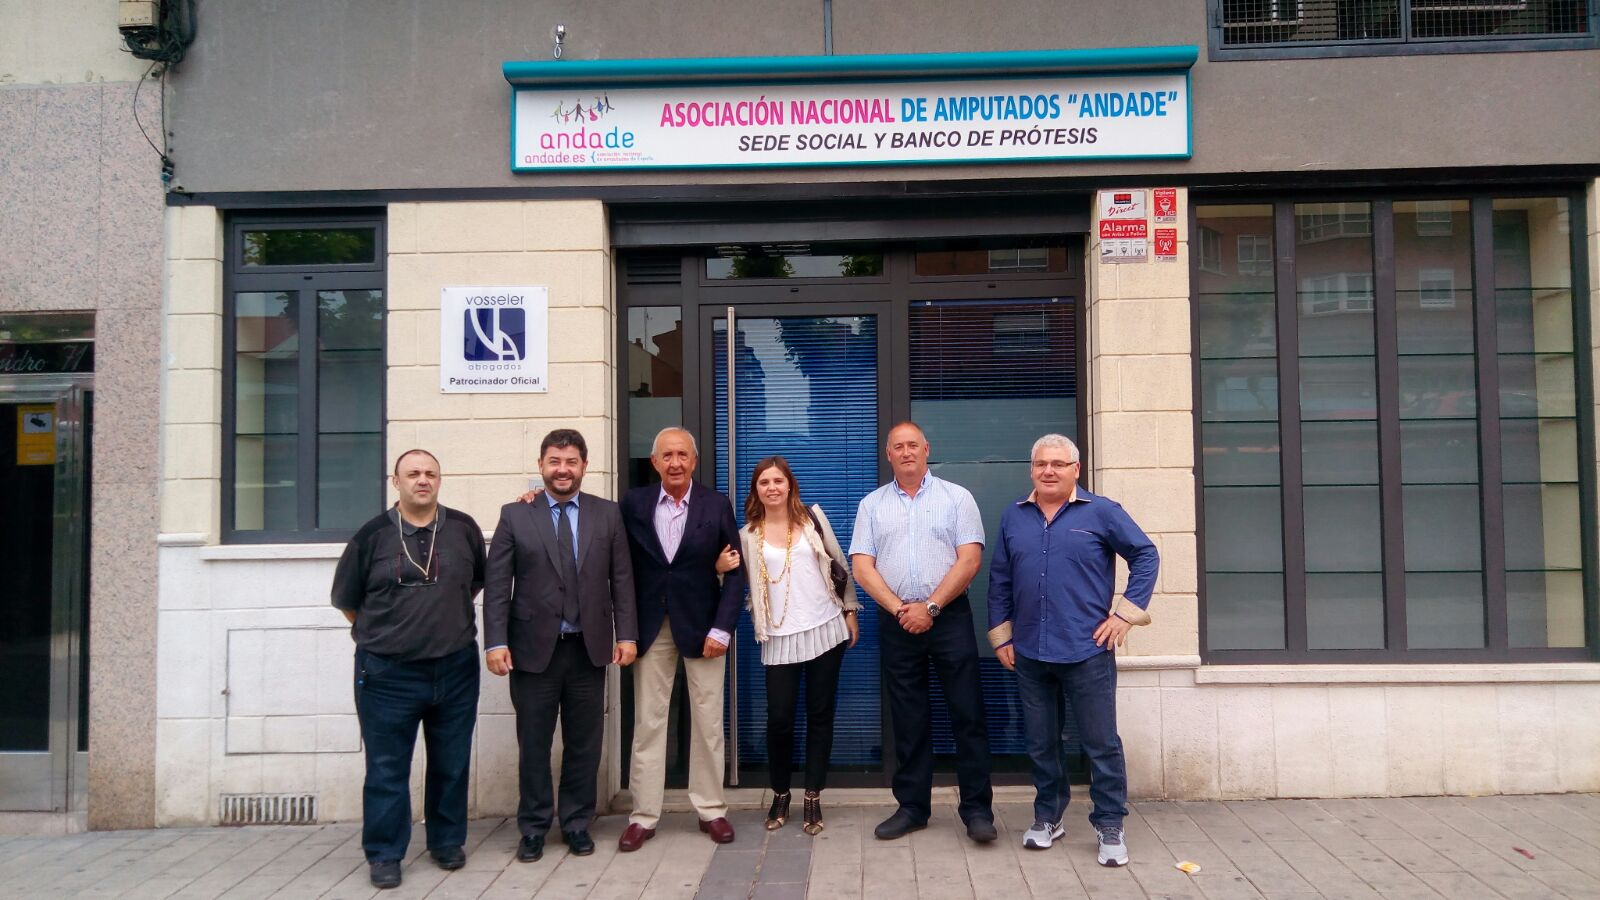 Andade ha abierto el primer banco de pr tesis oficial en for Banco abierto sabado madrid